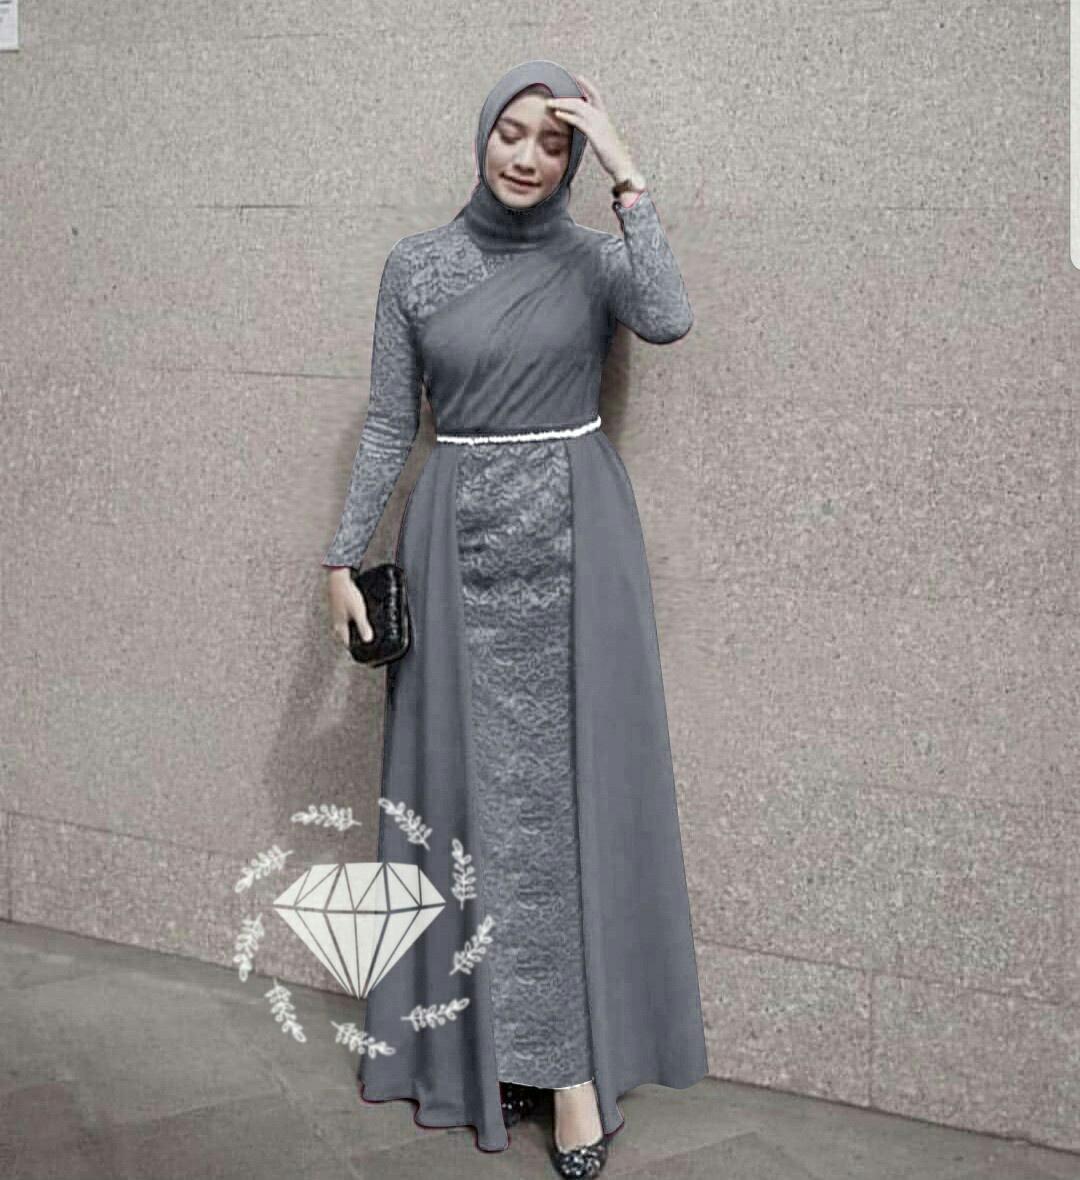 Gamis brokat wanita terbaru / gaun pesta brokat / gaun brukat wanita /  gamis brukat wanita berkualitas / wibisana store / alg laksha